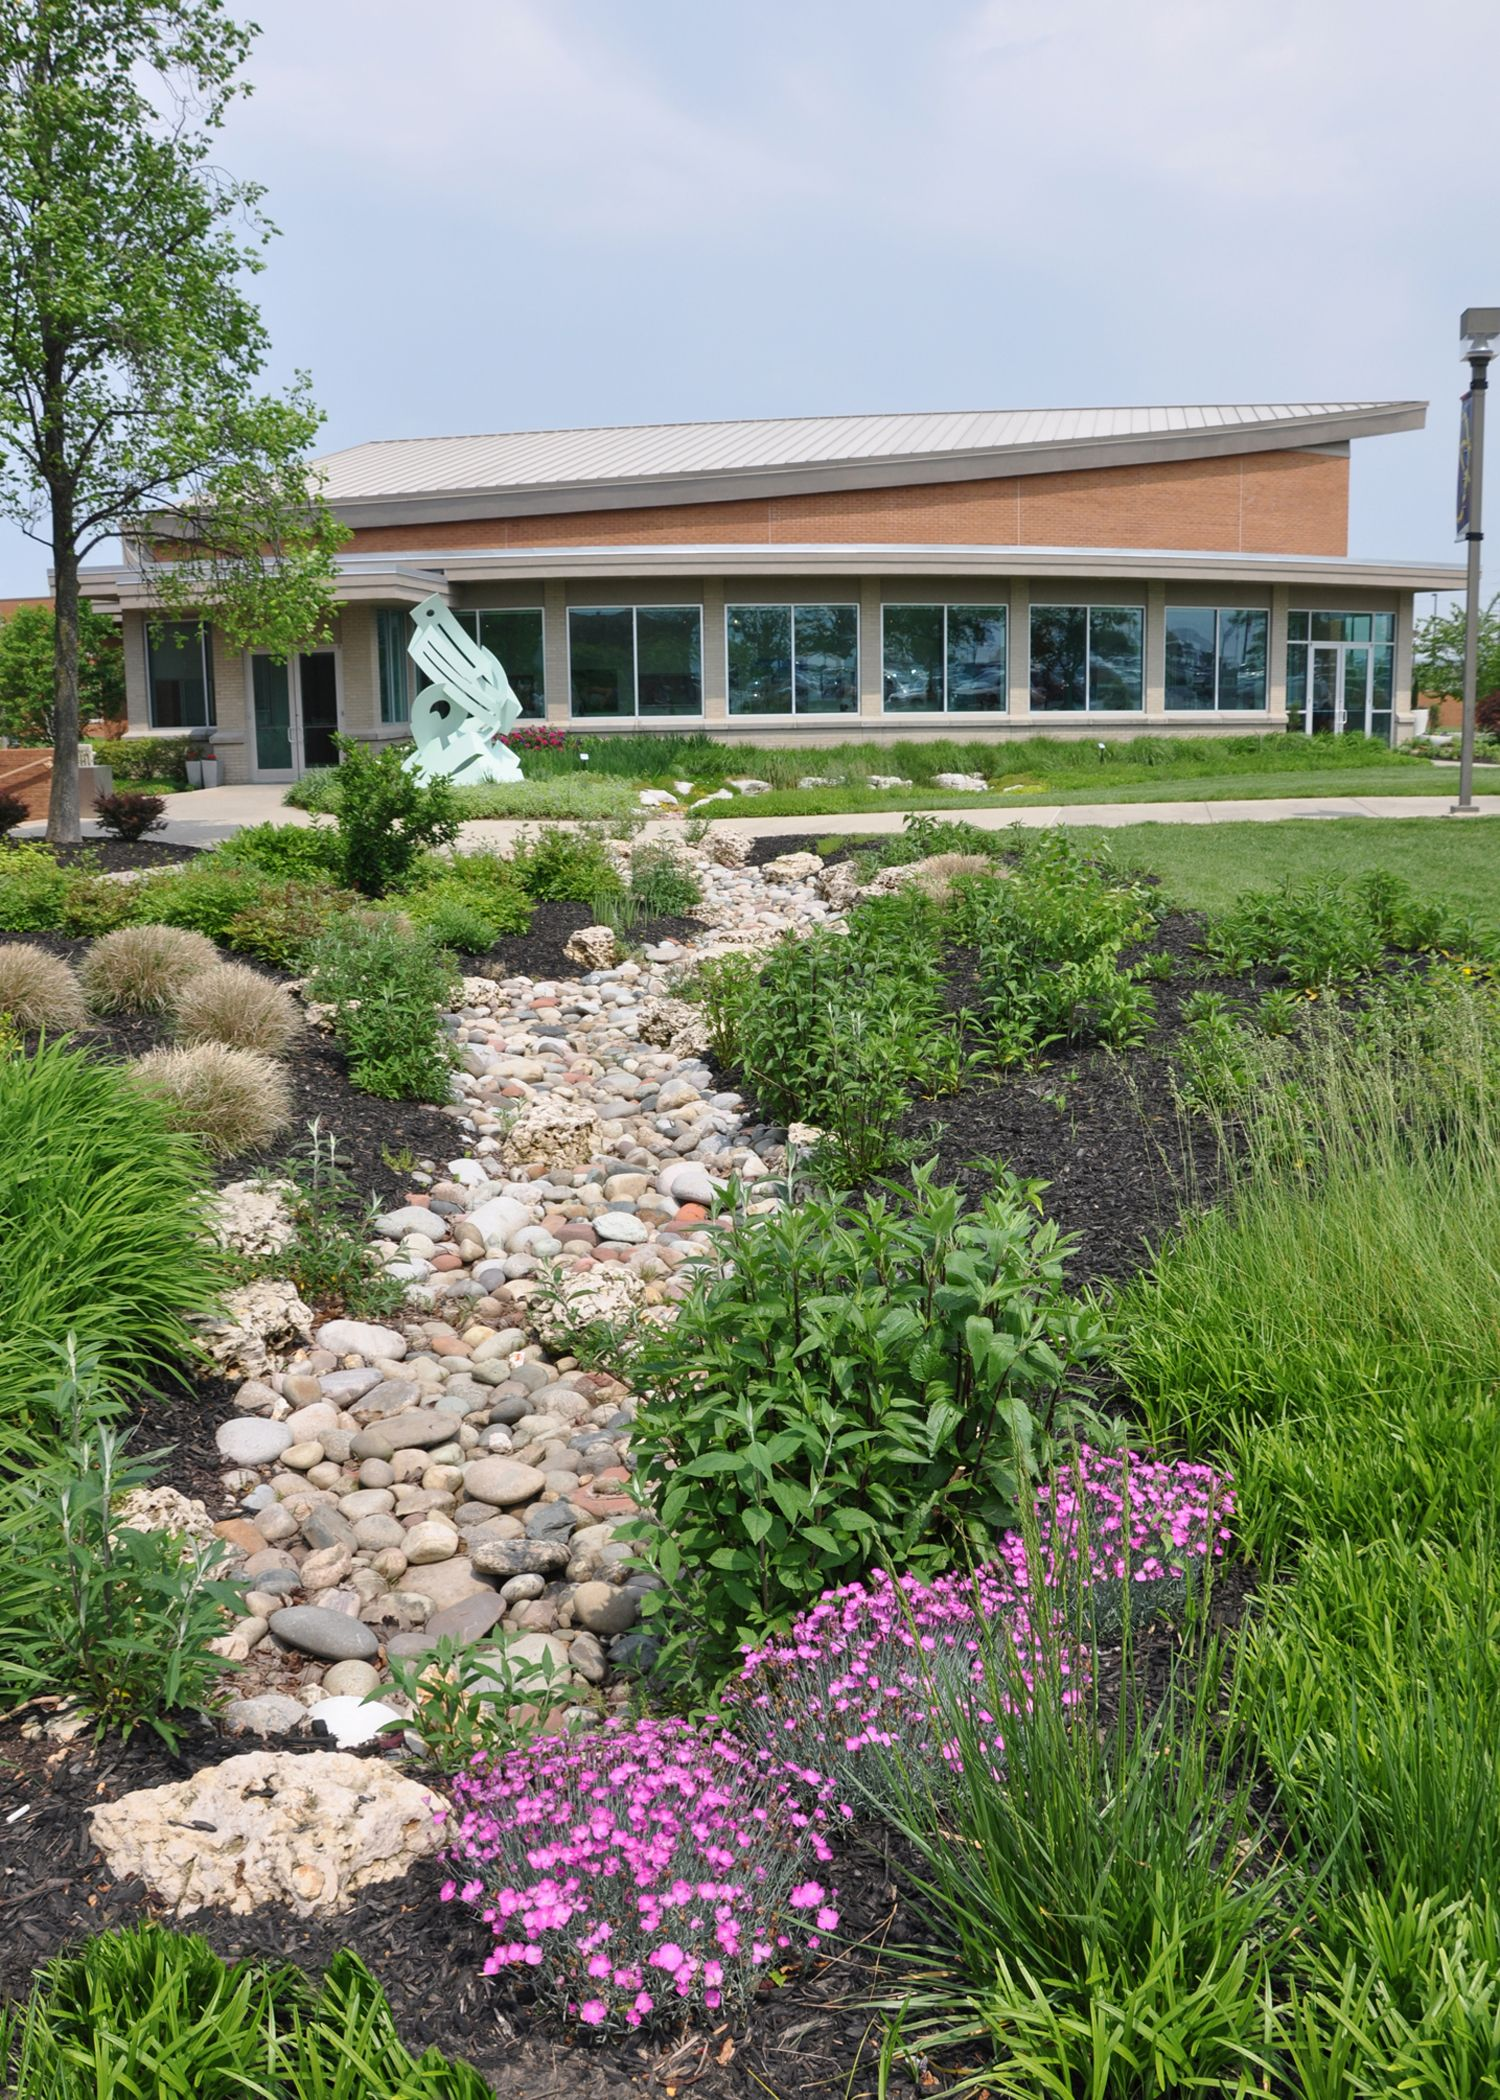 Schmidt Art Center and gardens #swic #art #gardens